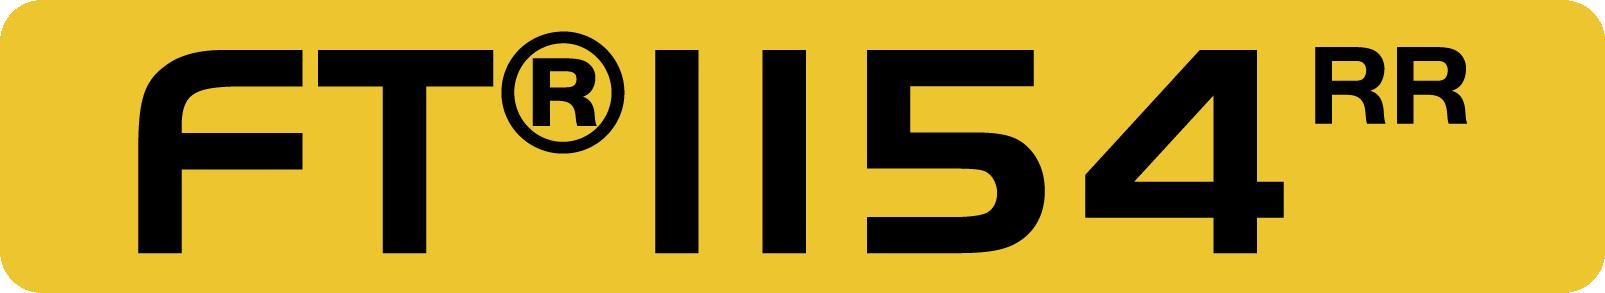 FTR 1154 RR